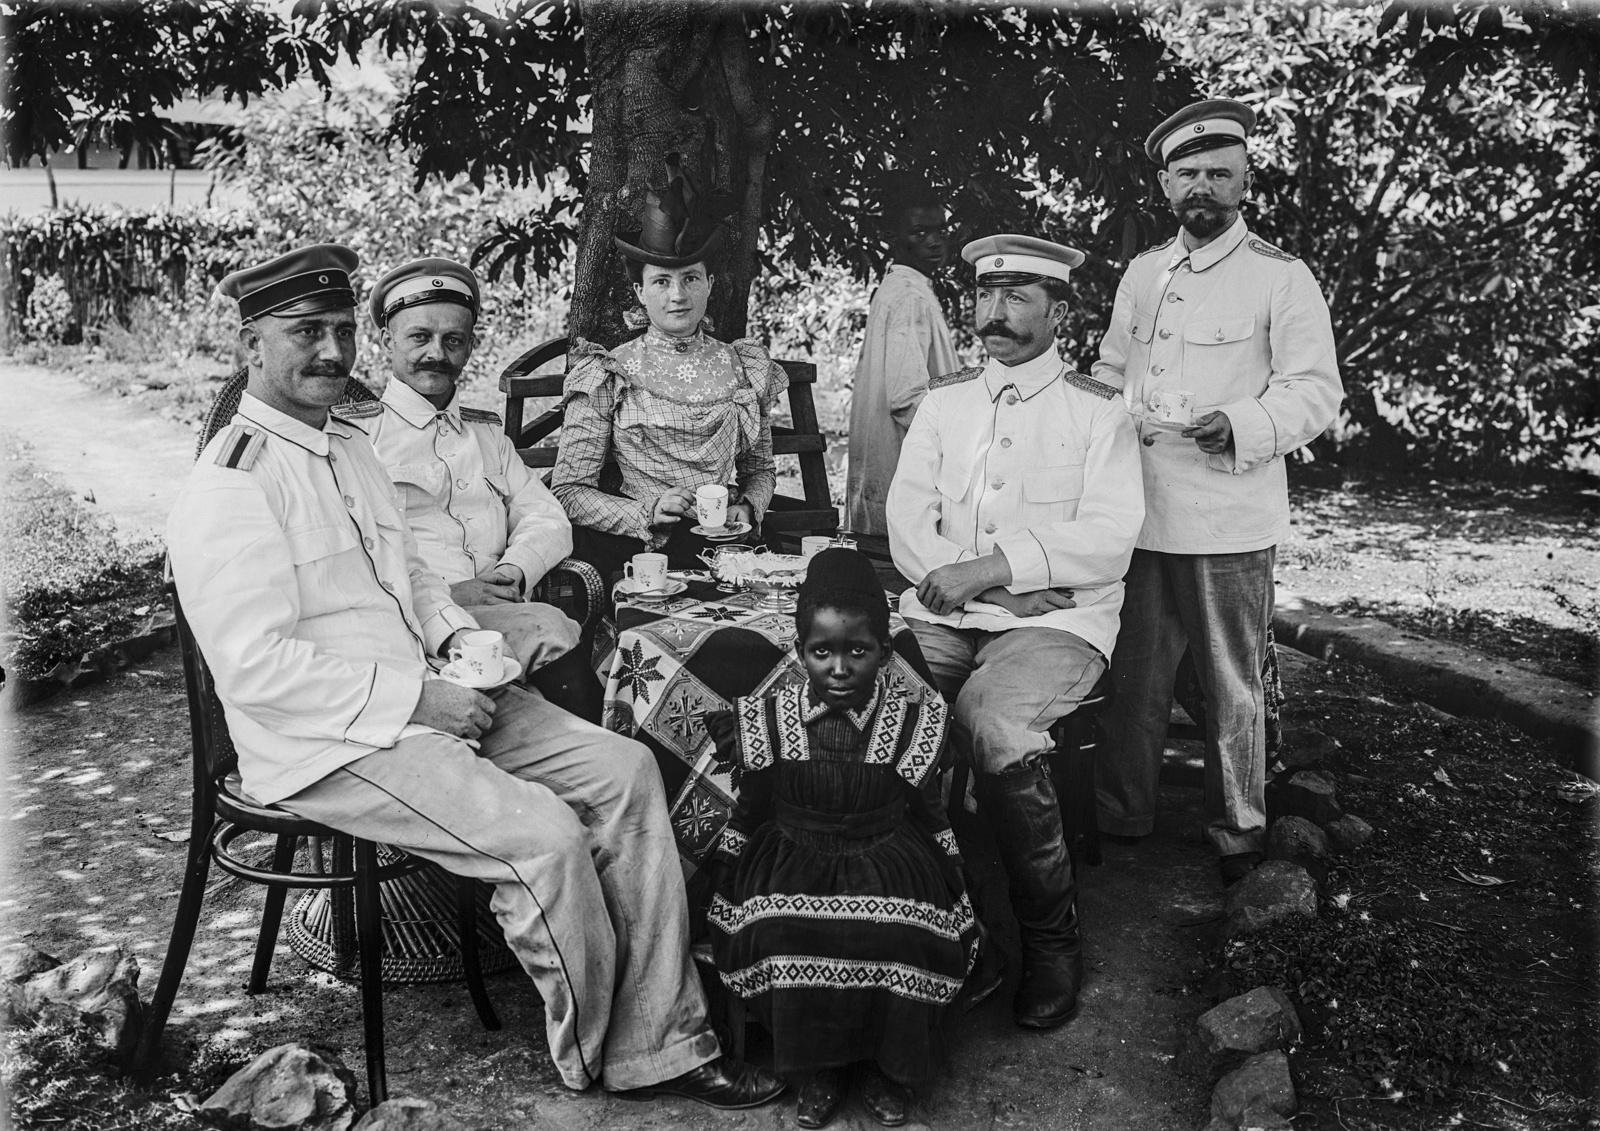 76. Групповой портрет капитана Курта Йоханнеса (сидящего справа), его жены Эмили, других людей и двух детей